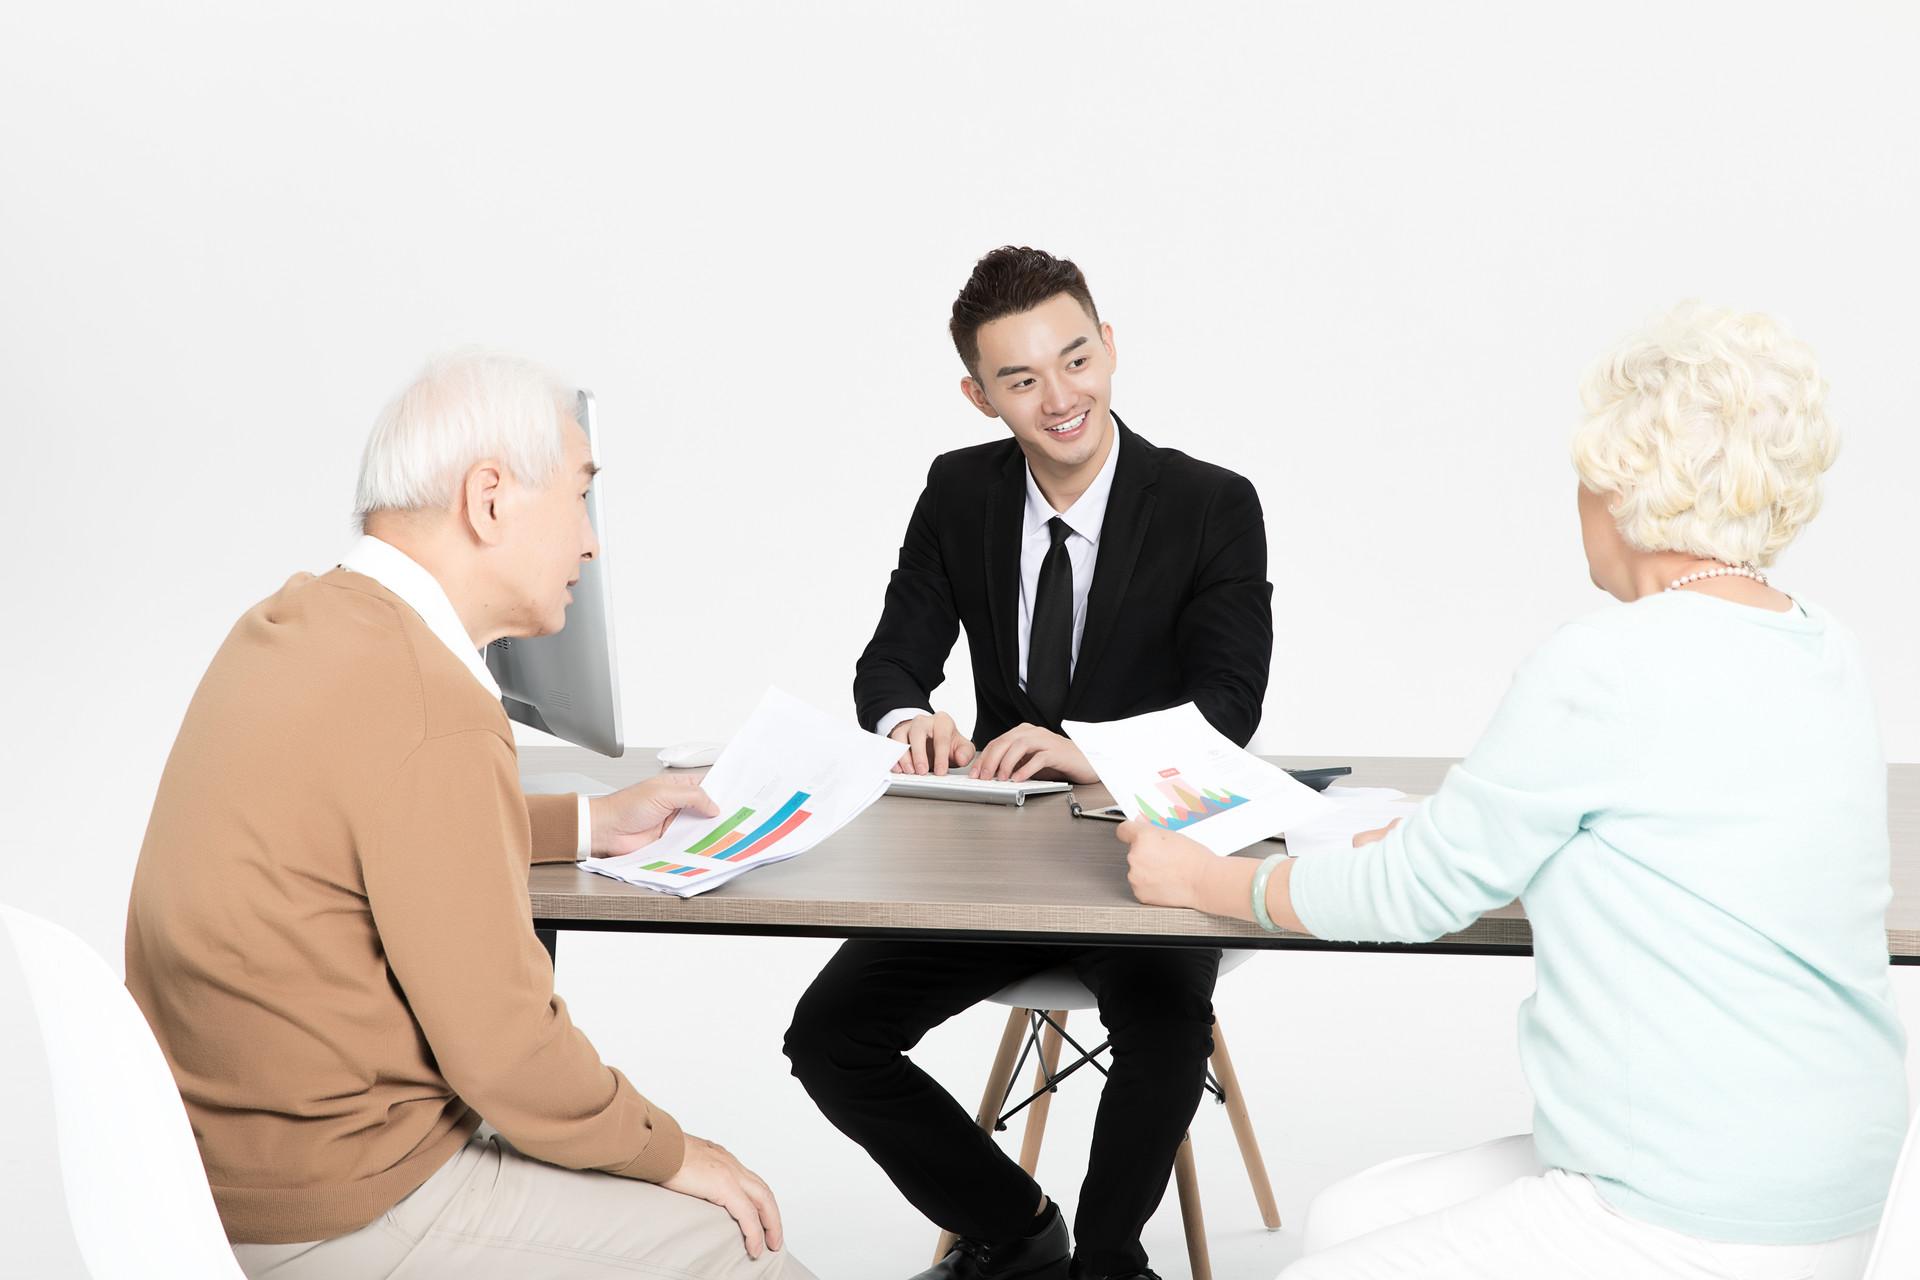 什么人可以提前退休,一般办理提前退休需要准备什么材料